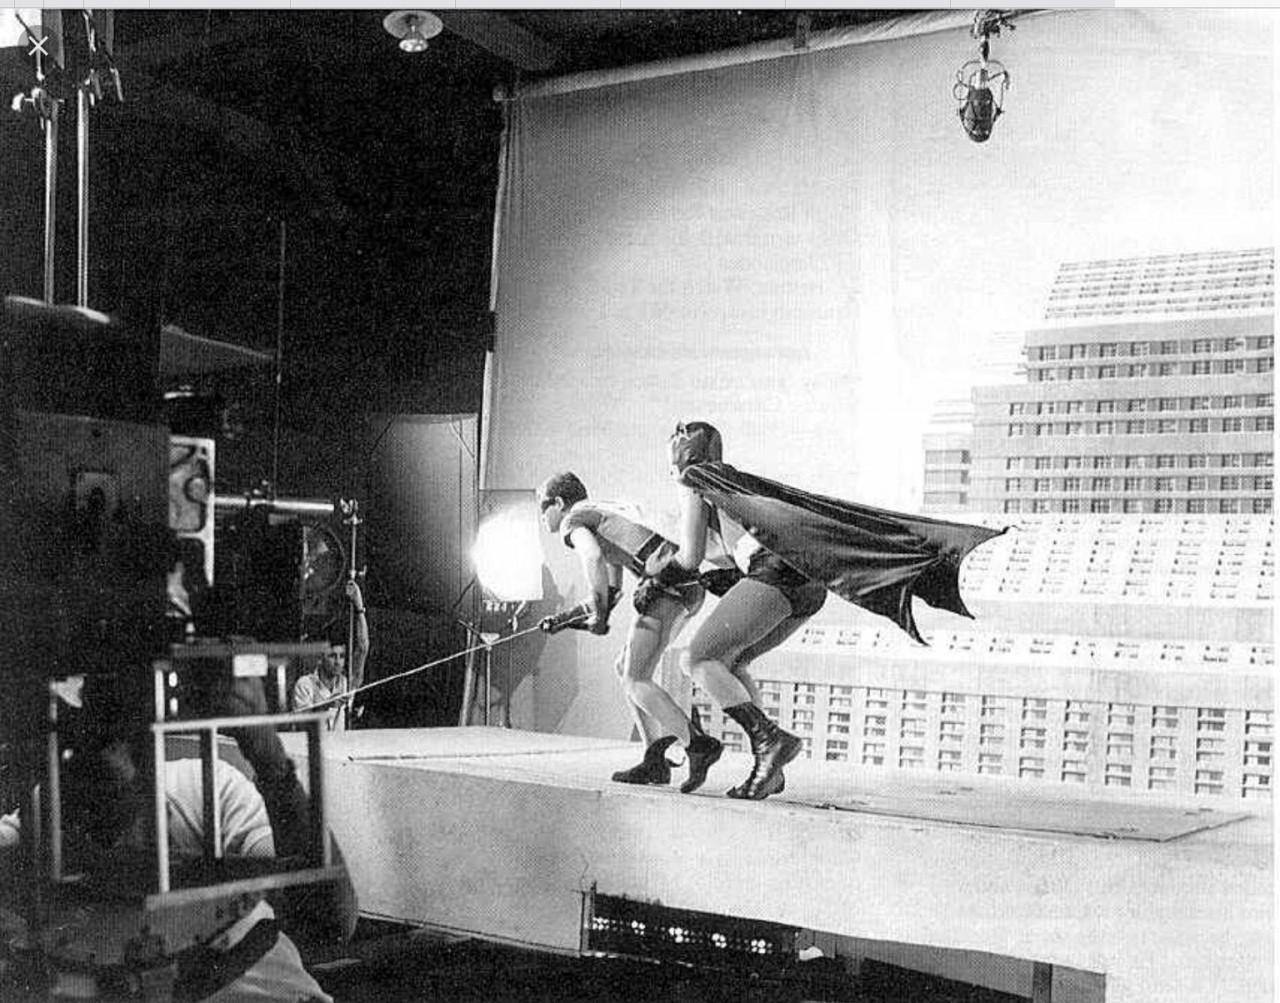 Бэтмен и Робин карабкаются на небоскрёб. Съёмки «Бэтмена», 1966